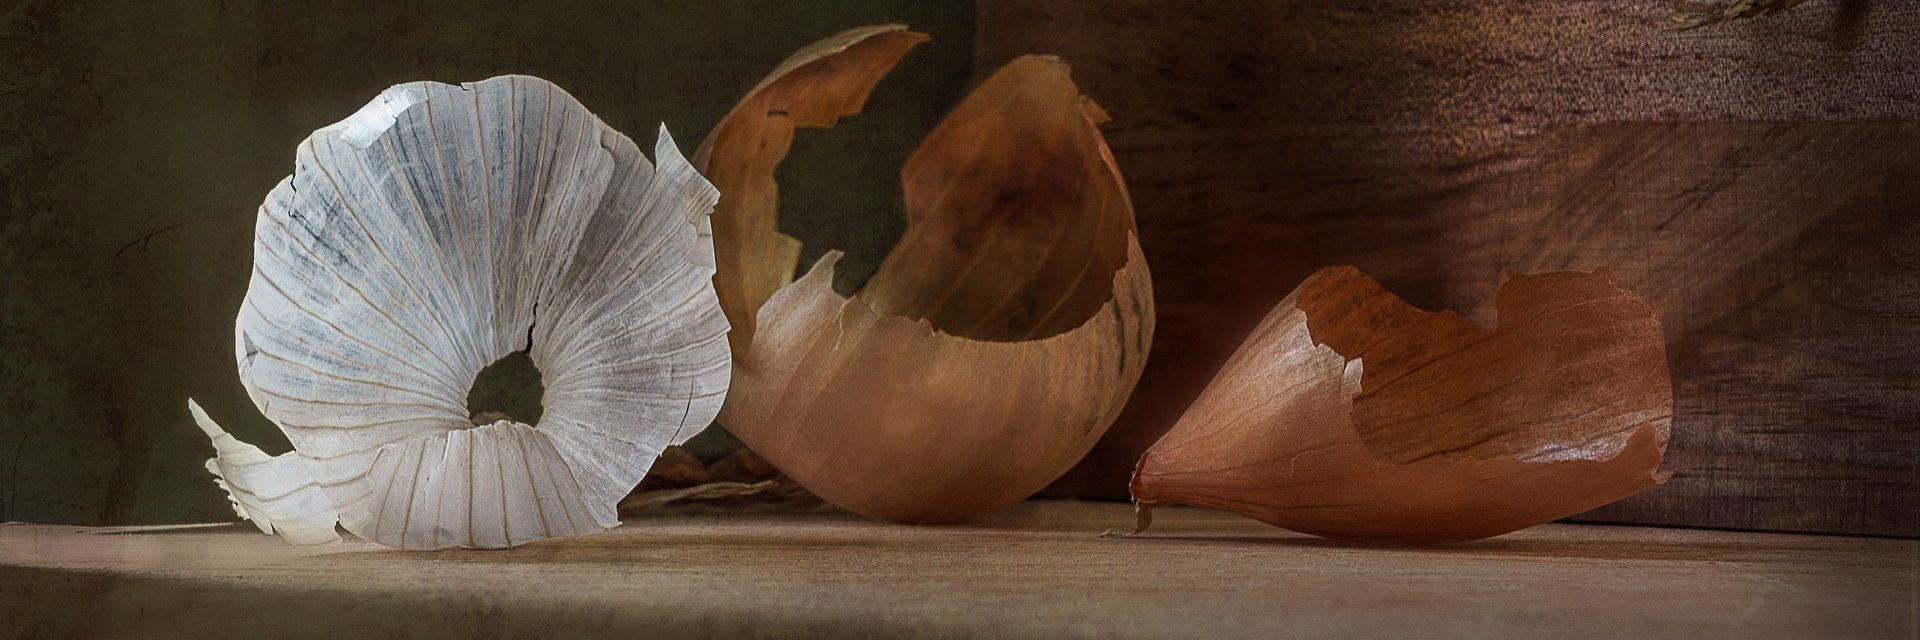 Garlic Allergy